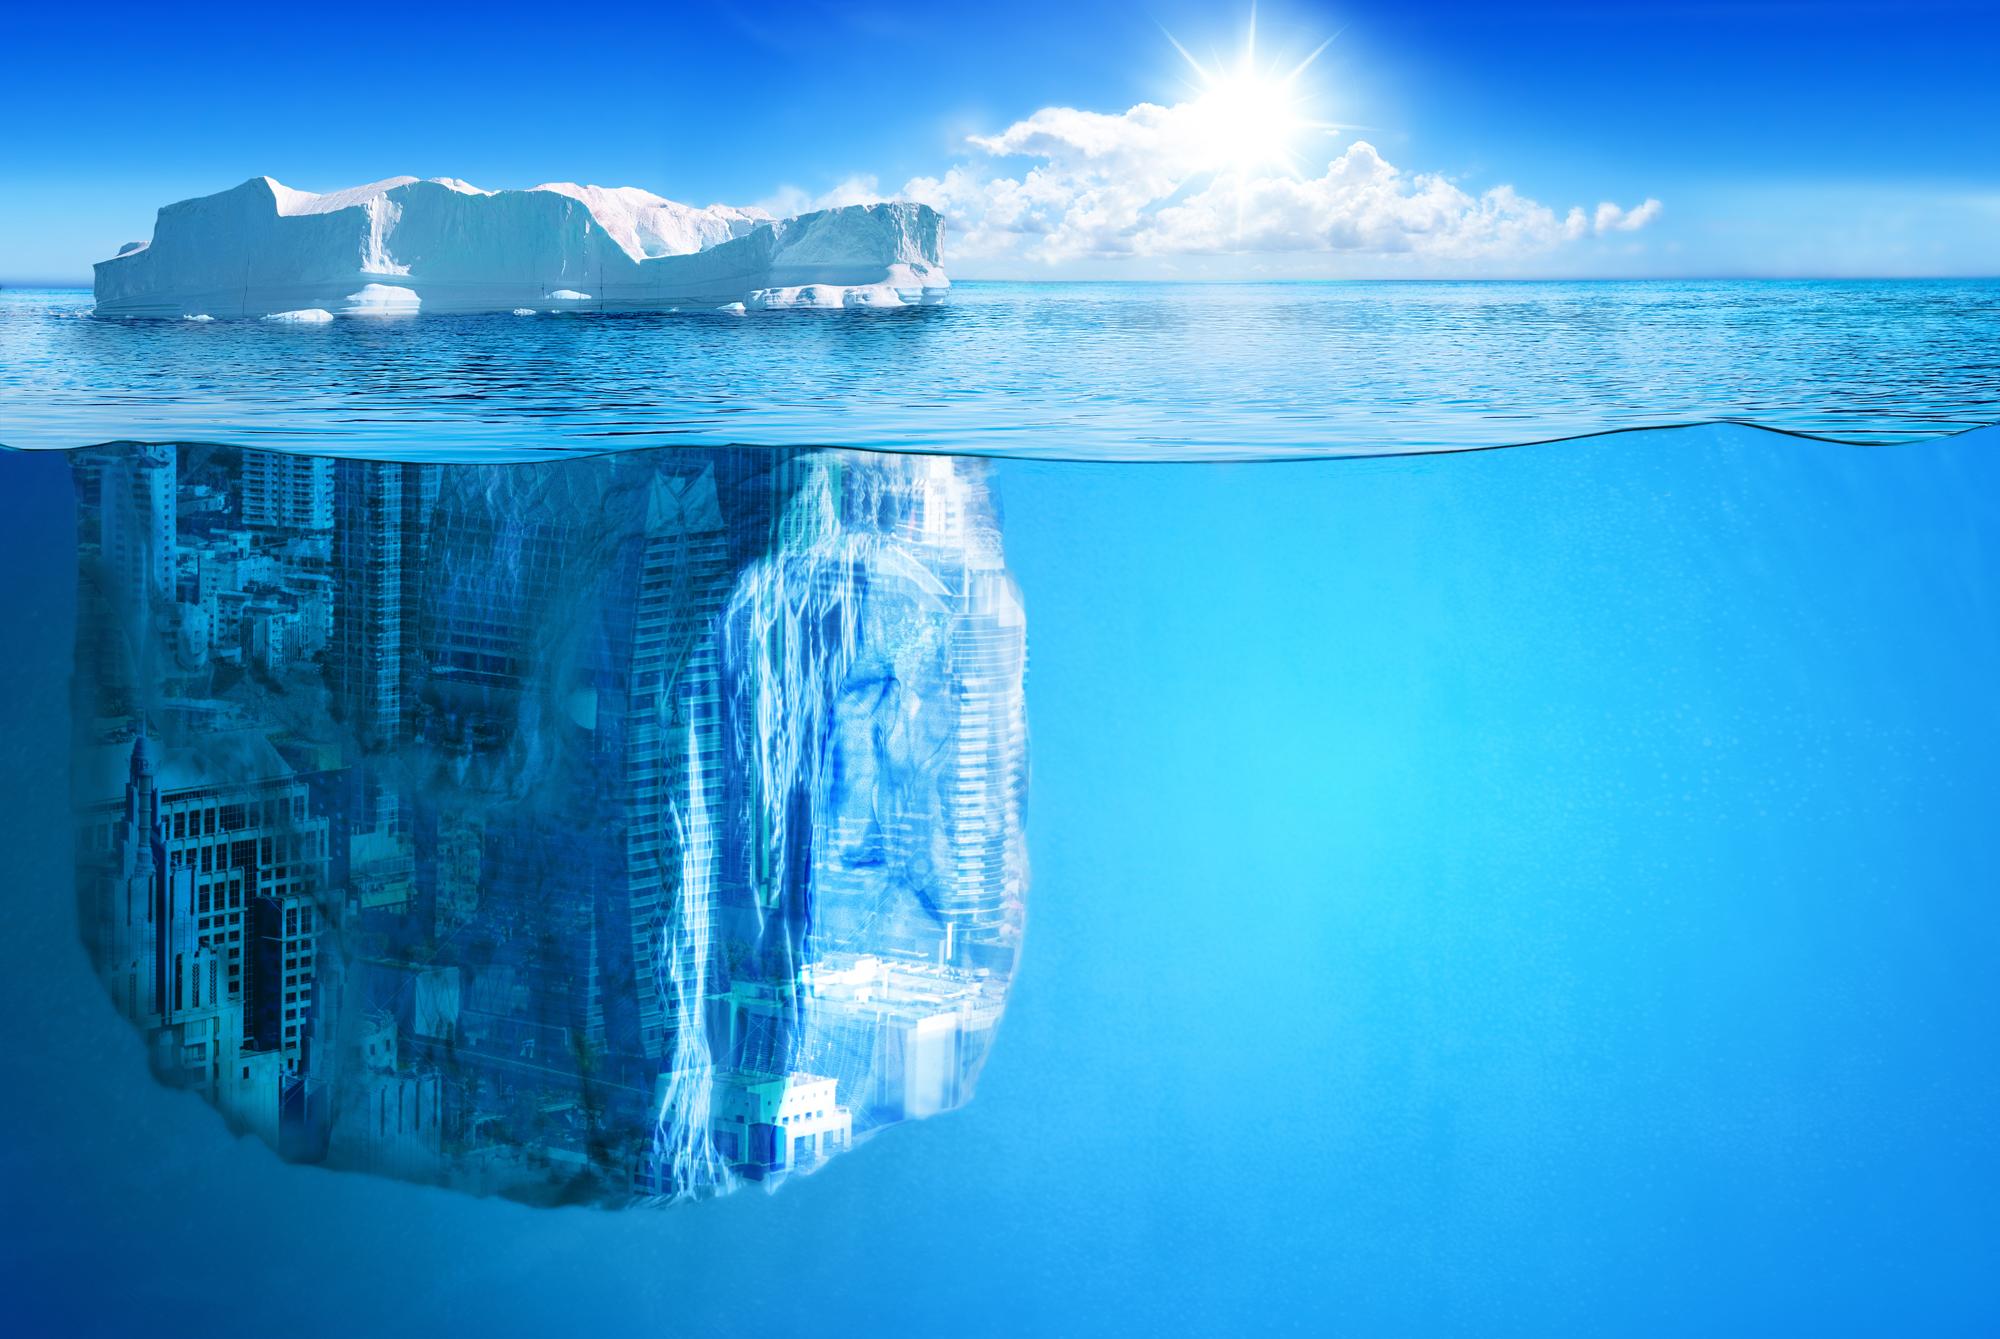 city-iceberg